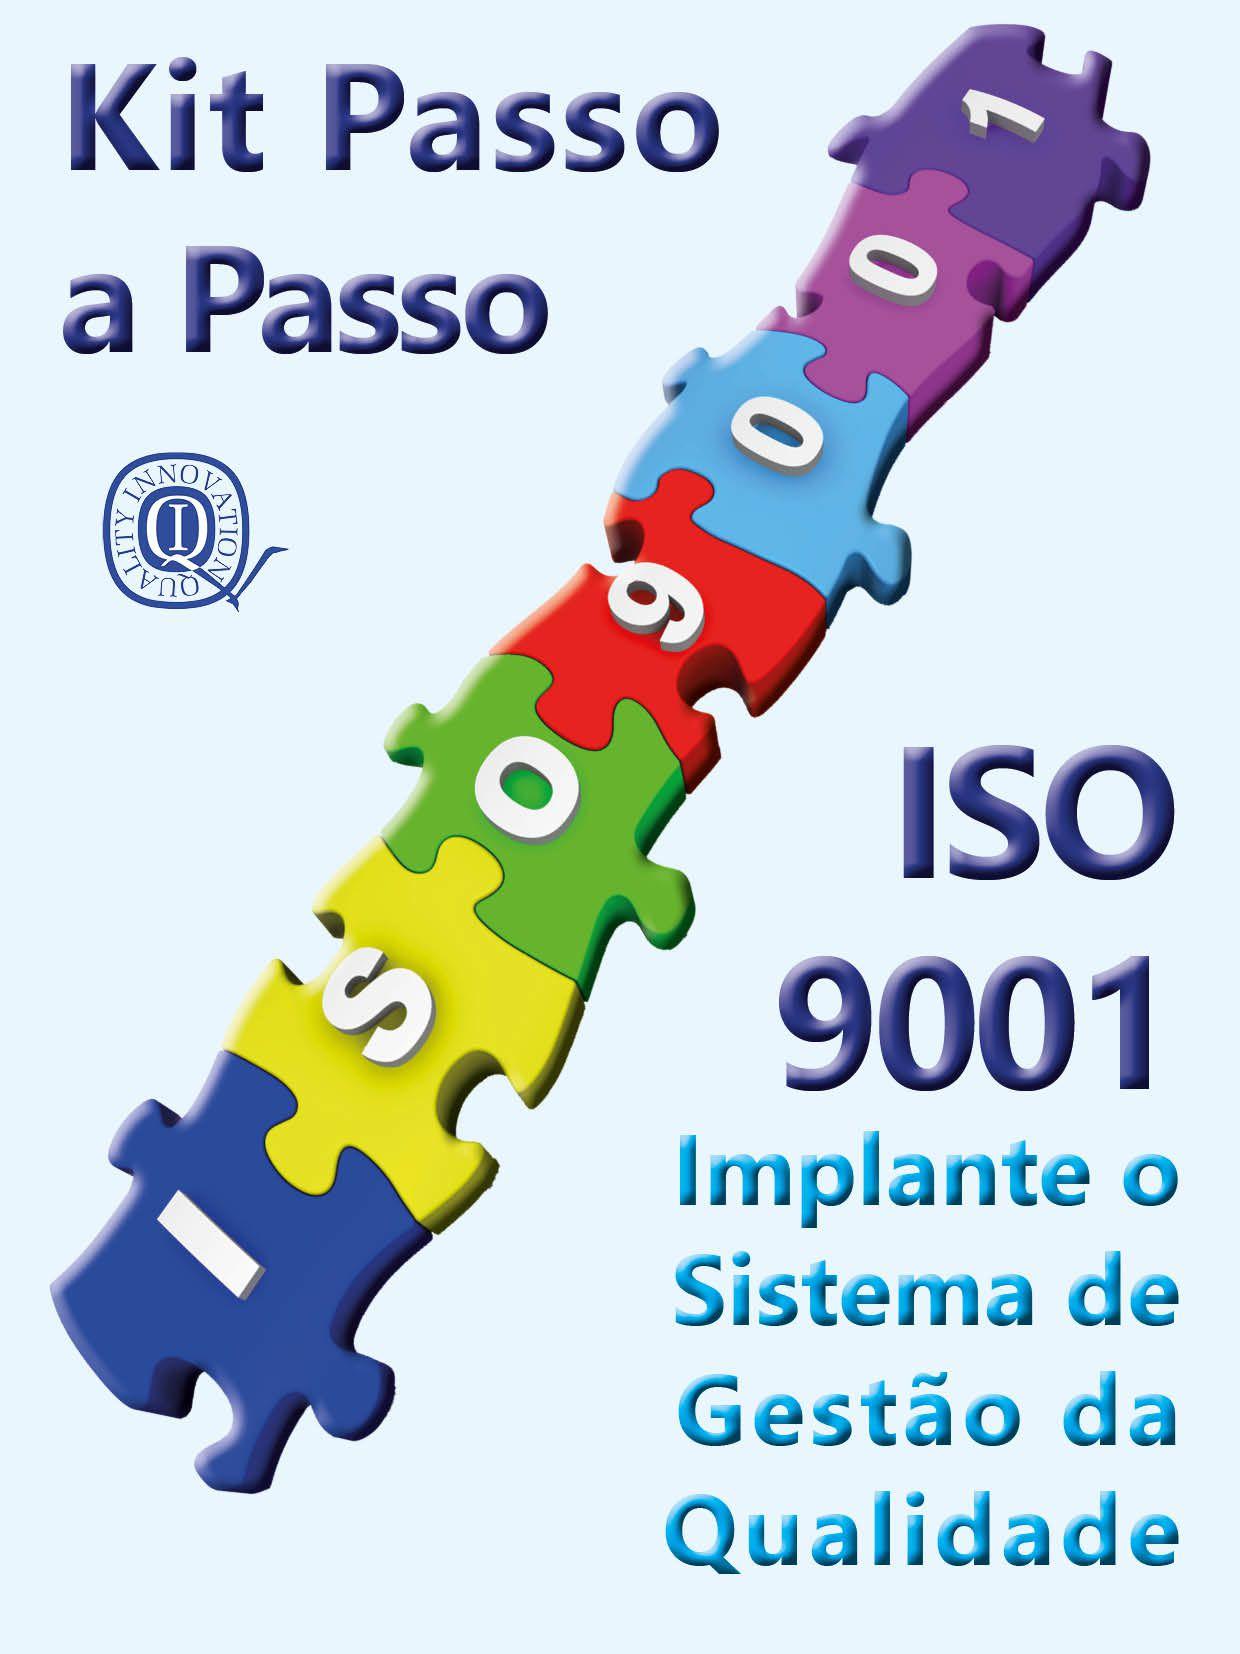 Kit ISO 9001 - Completo com todos os materiais  - www.qualistore.net.br